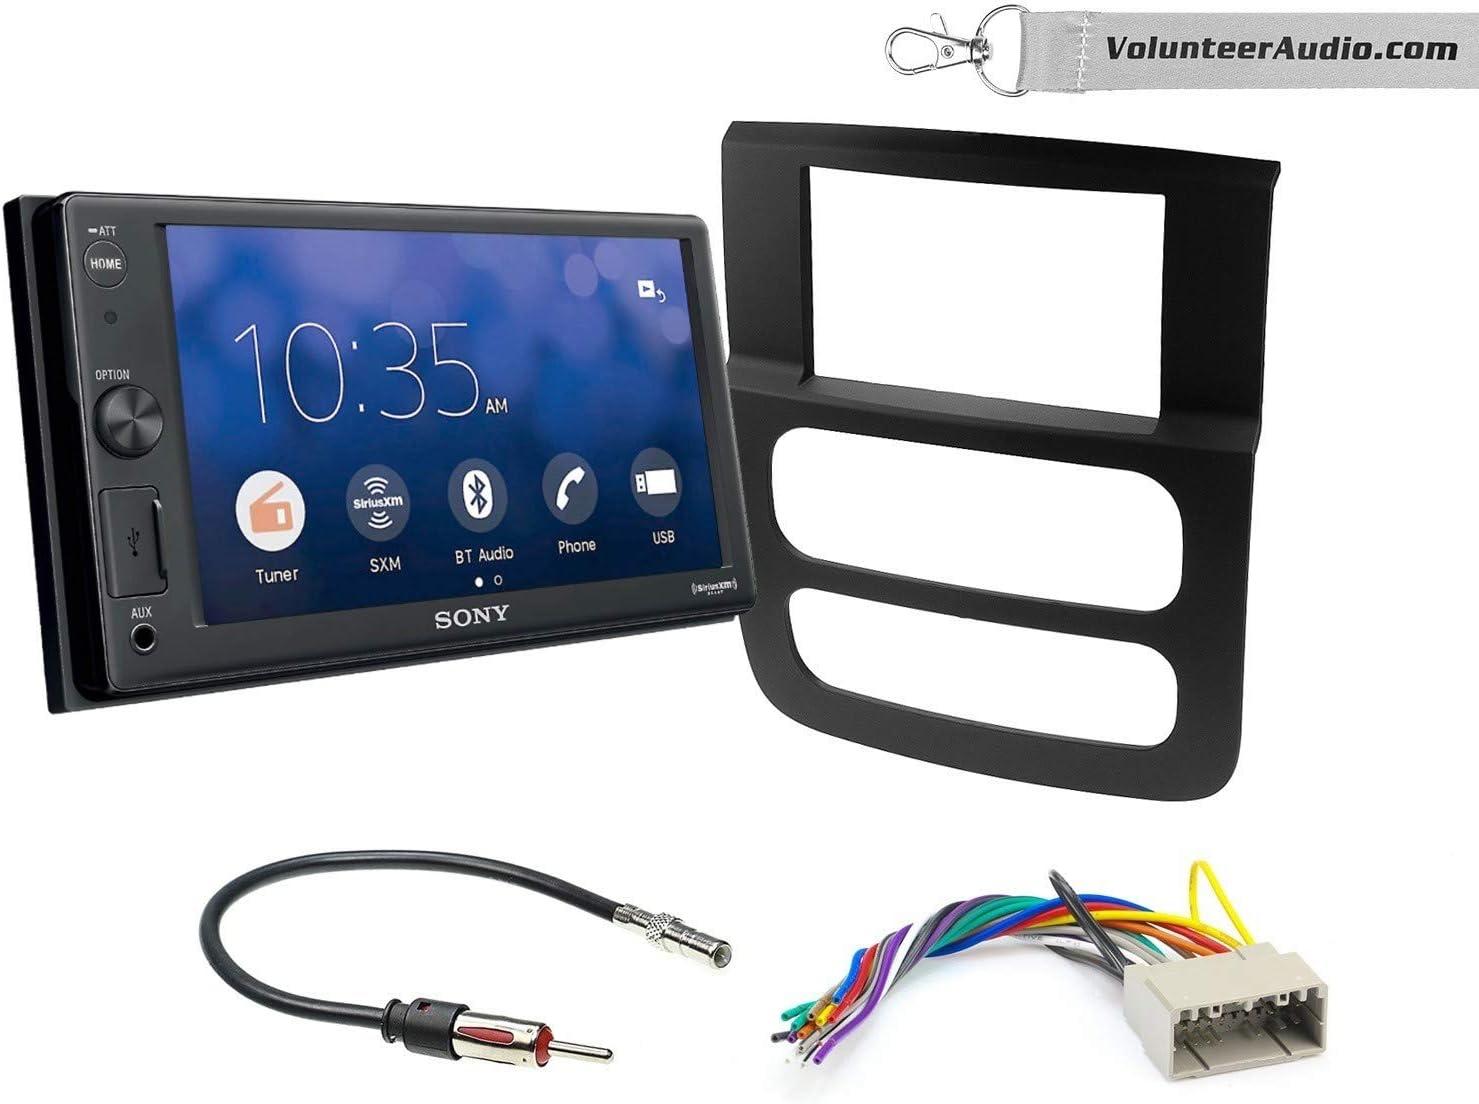 Sony XAV-V10BT Double Din Radio Install Kit With Sirius XM Ready Fits 2002-2005 Ram